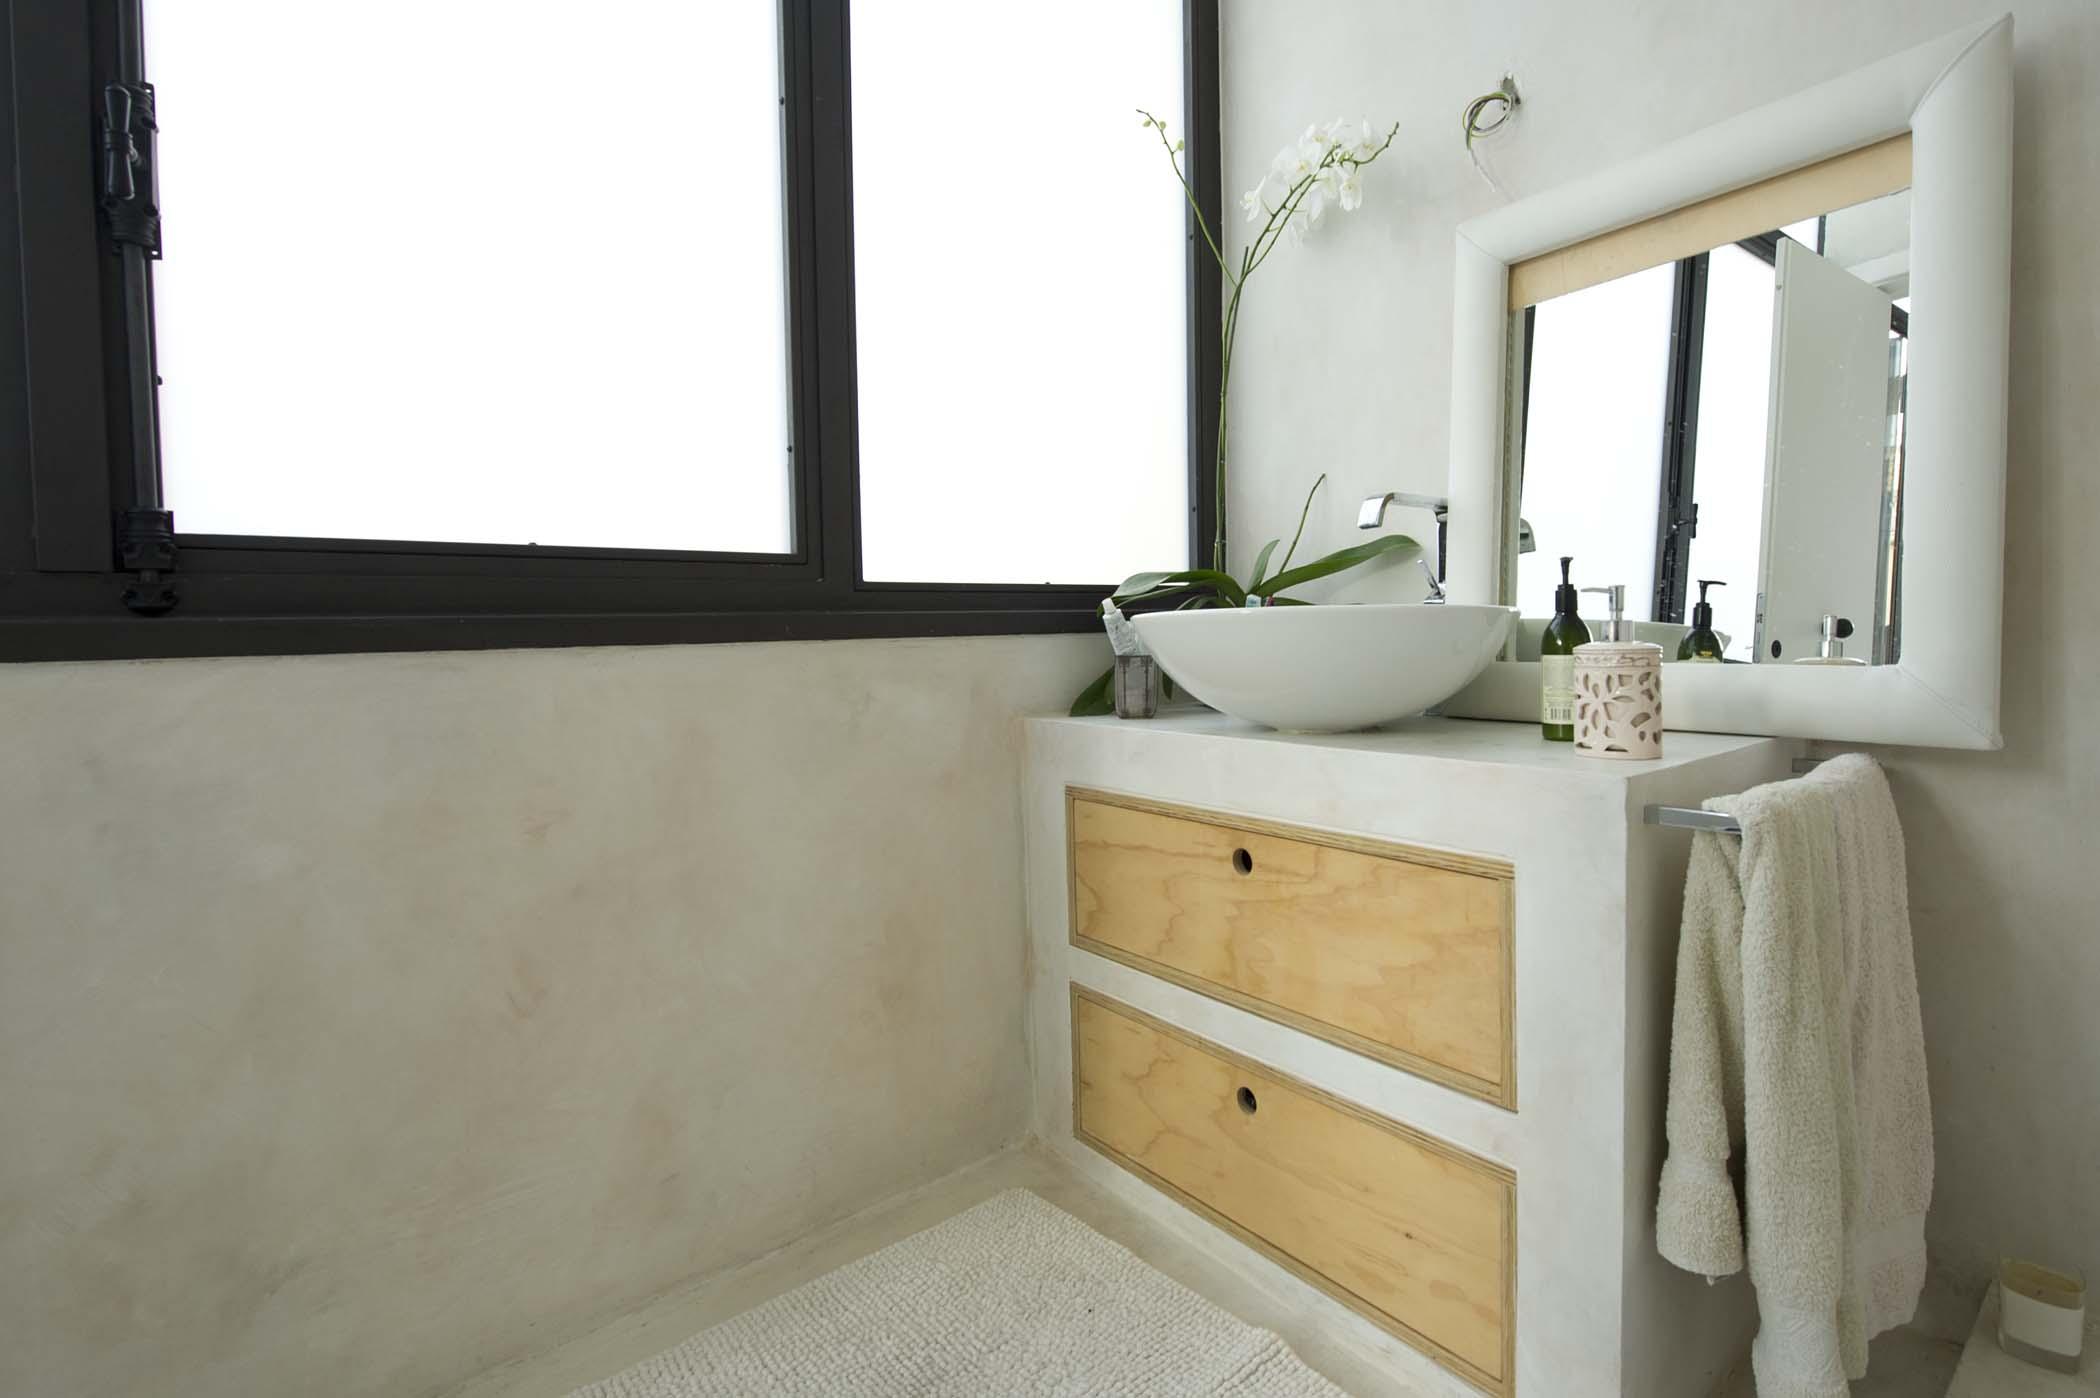 Mobile bagno in legno su misura con cassetti e copertura in resina grigio